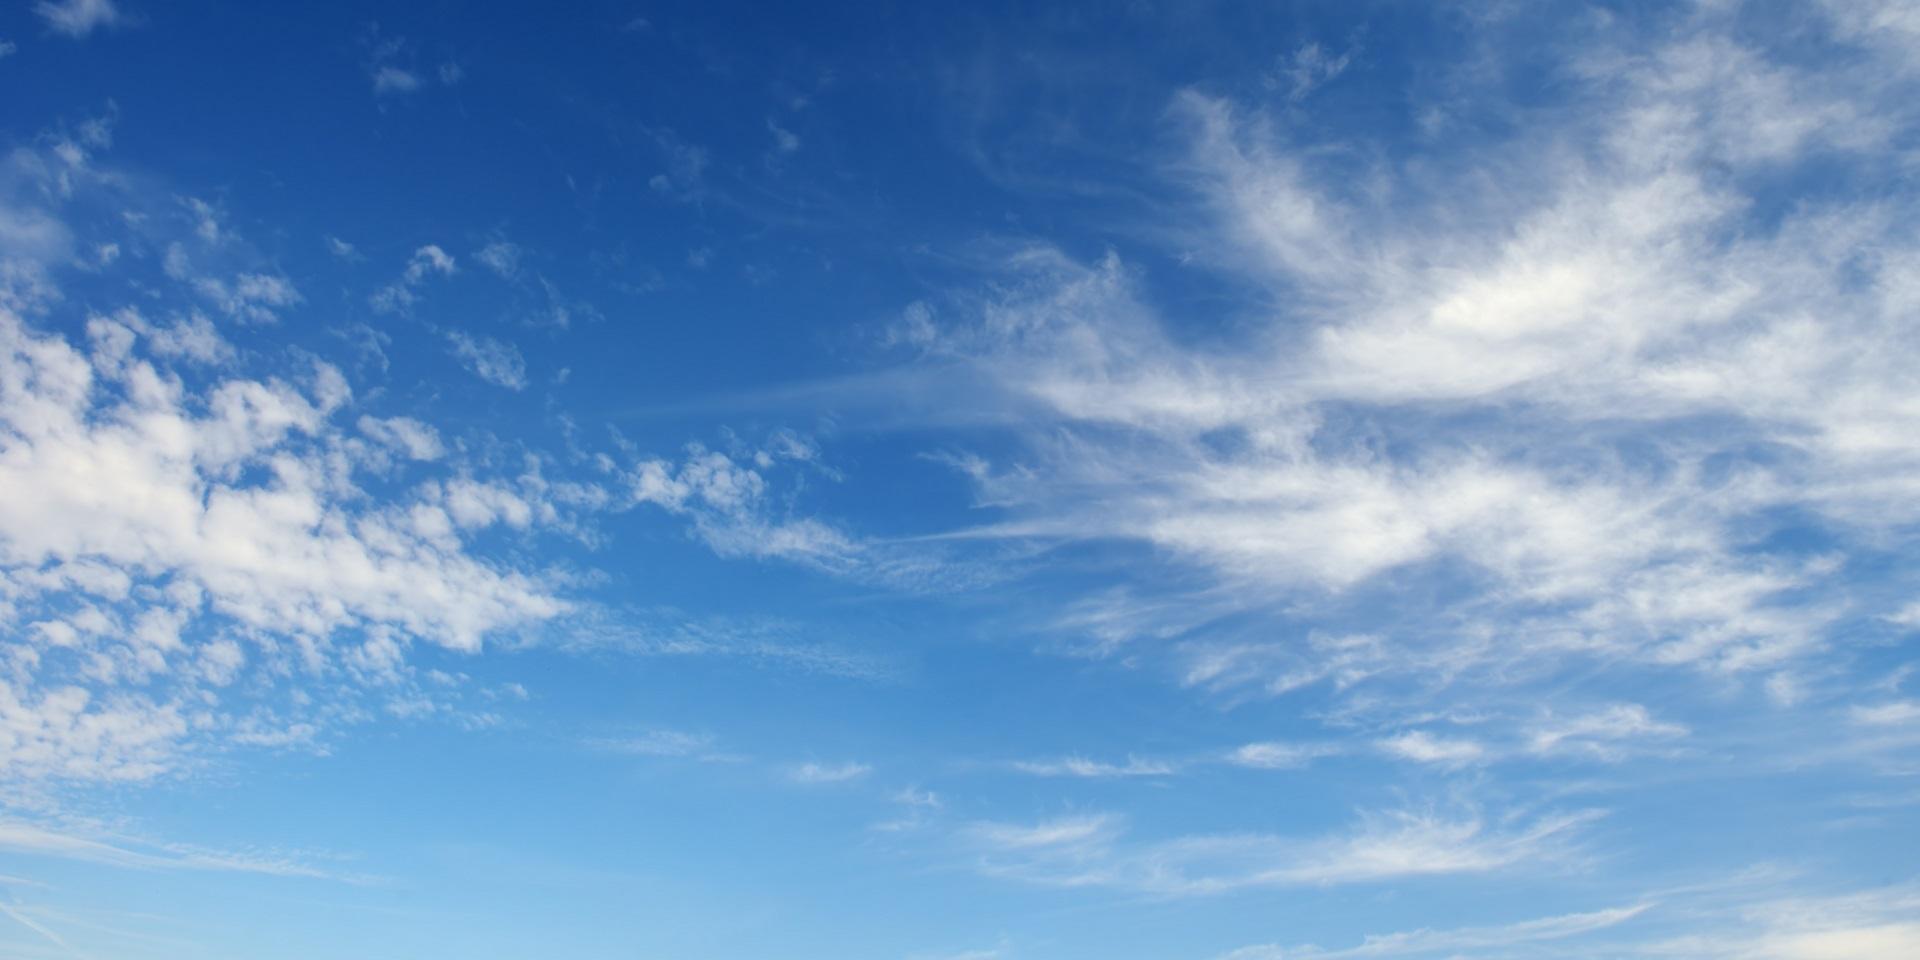 Hình ảnh trời mây trên bầu trời